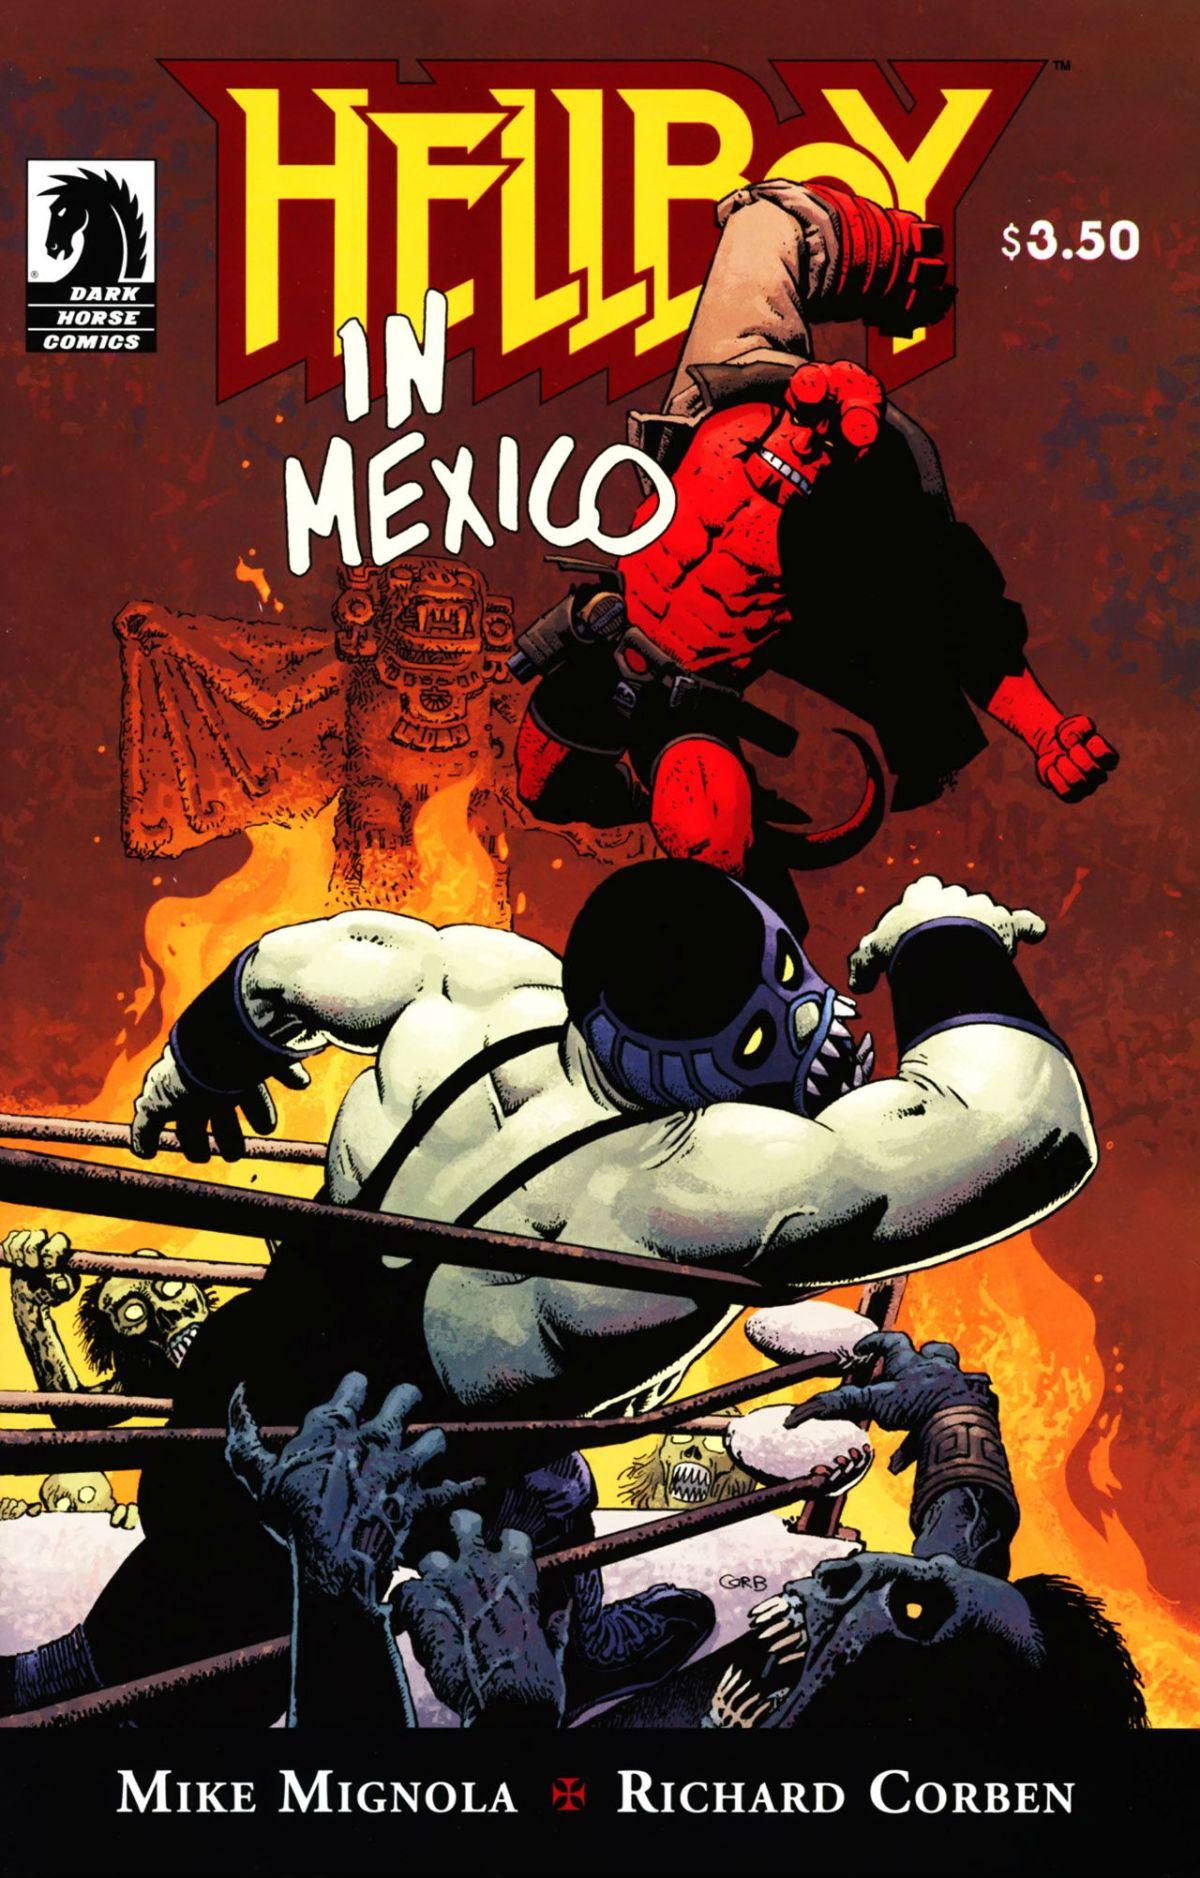 Hellboy película cinta lucha libre Guillermo del Toro Mike Mignola